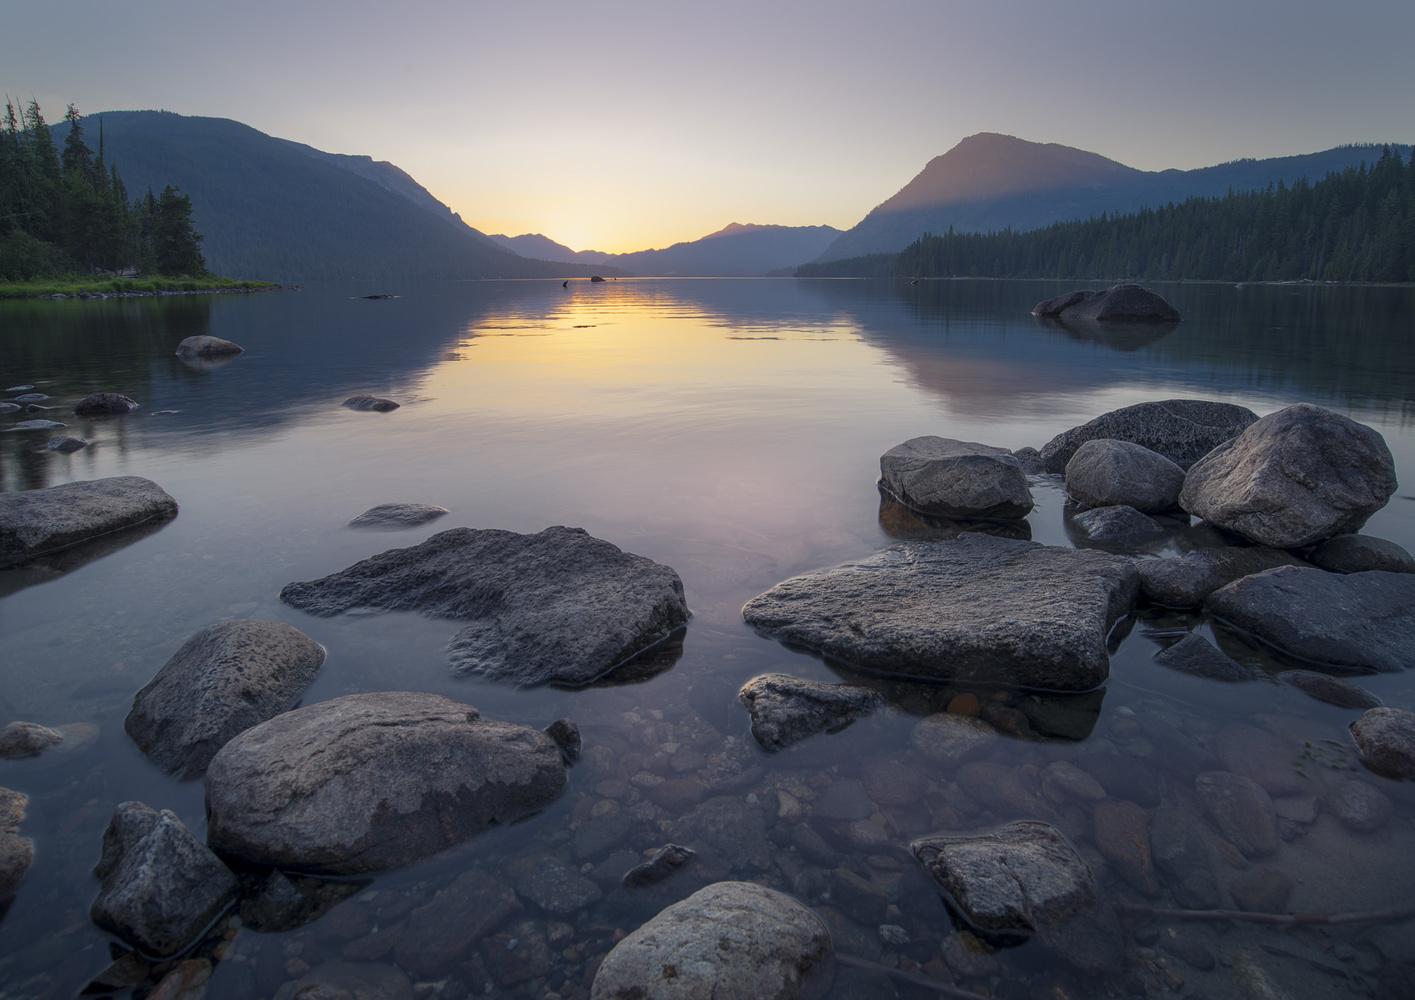 Lake Wenetchee Sunset by Bogdan Tishchenko